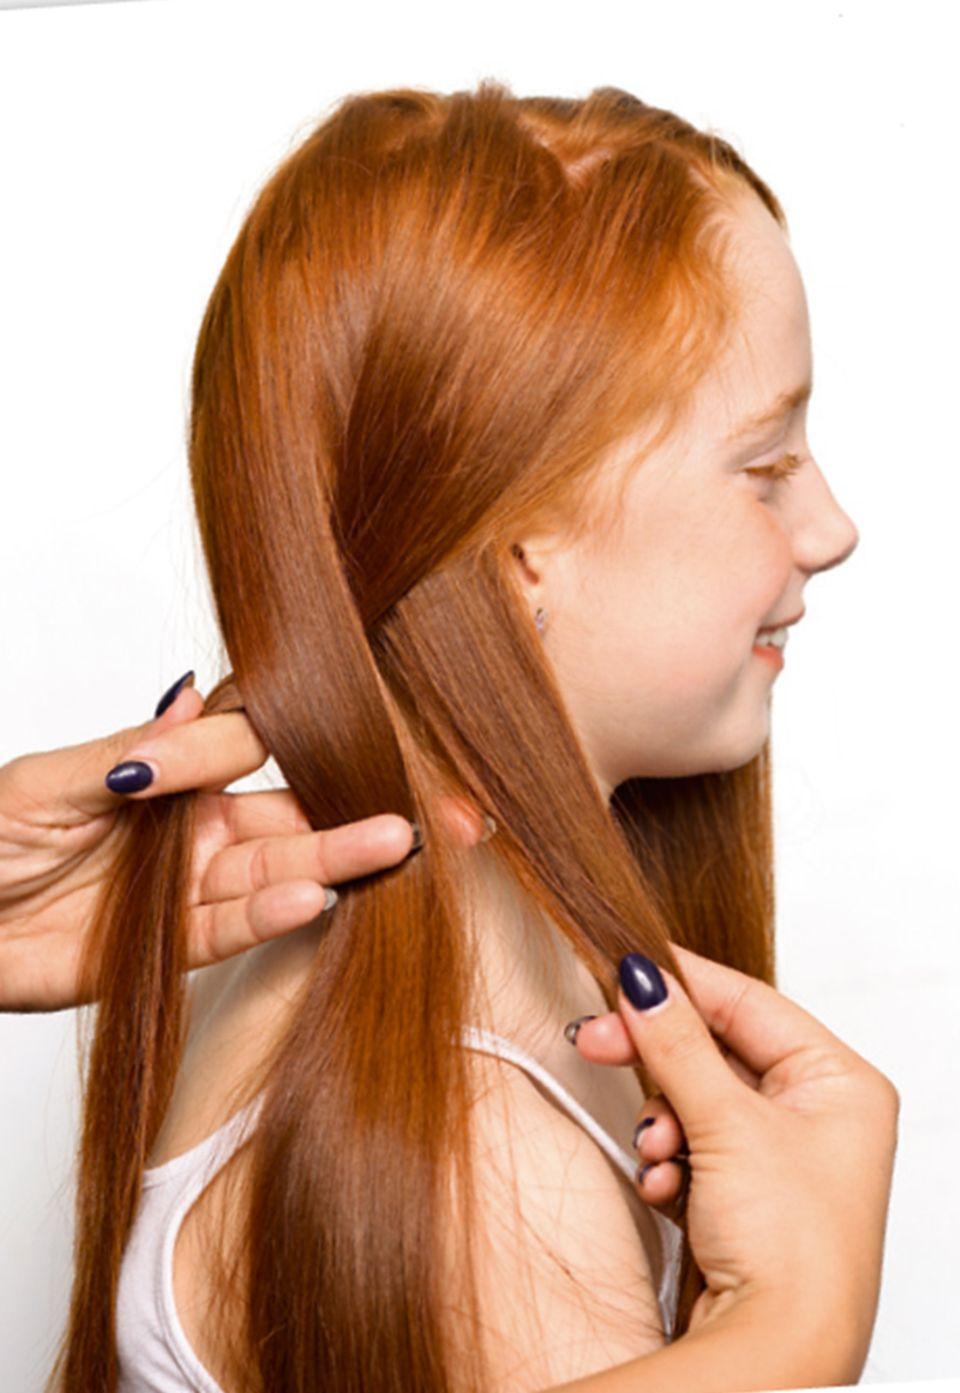 Strähnen übereinander legen für die Frisur